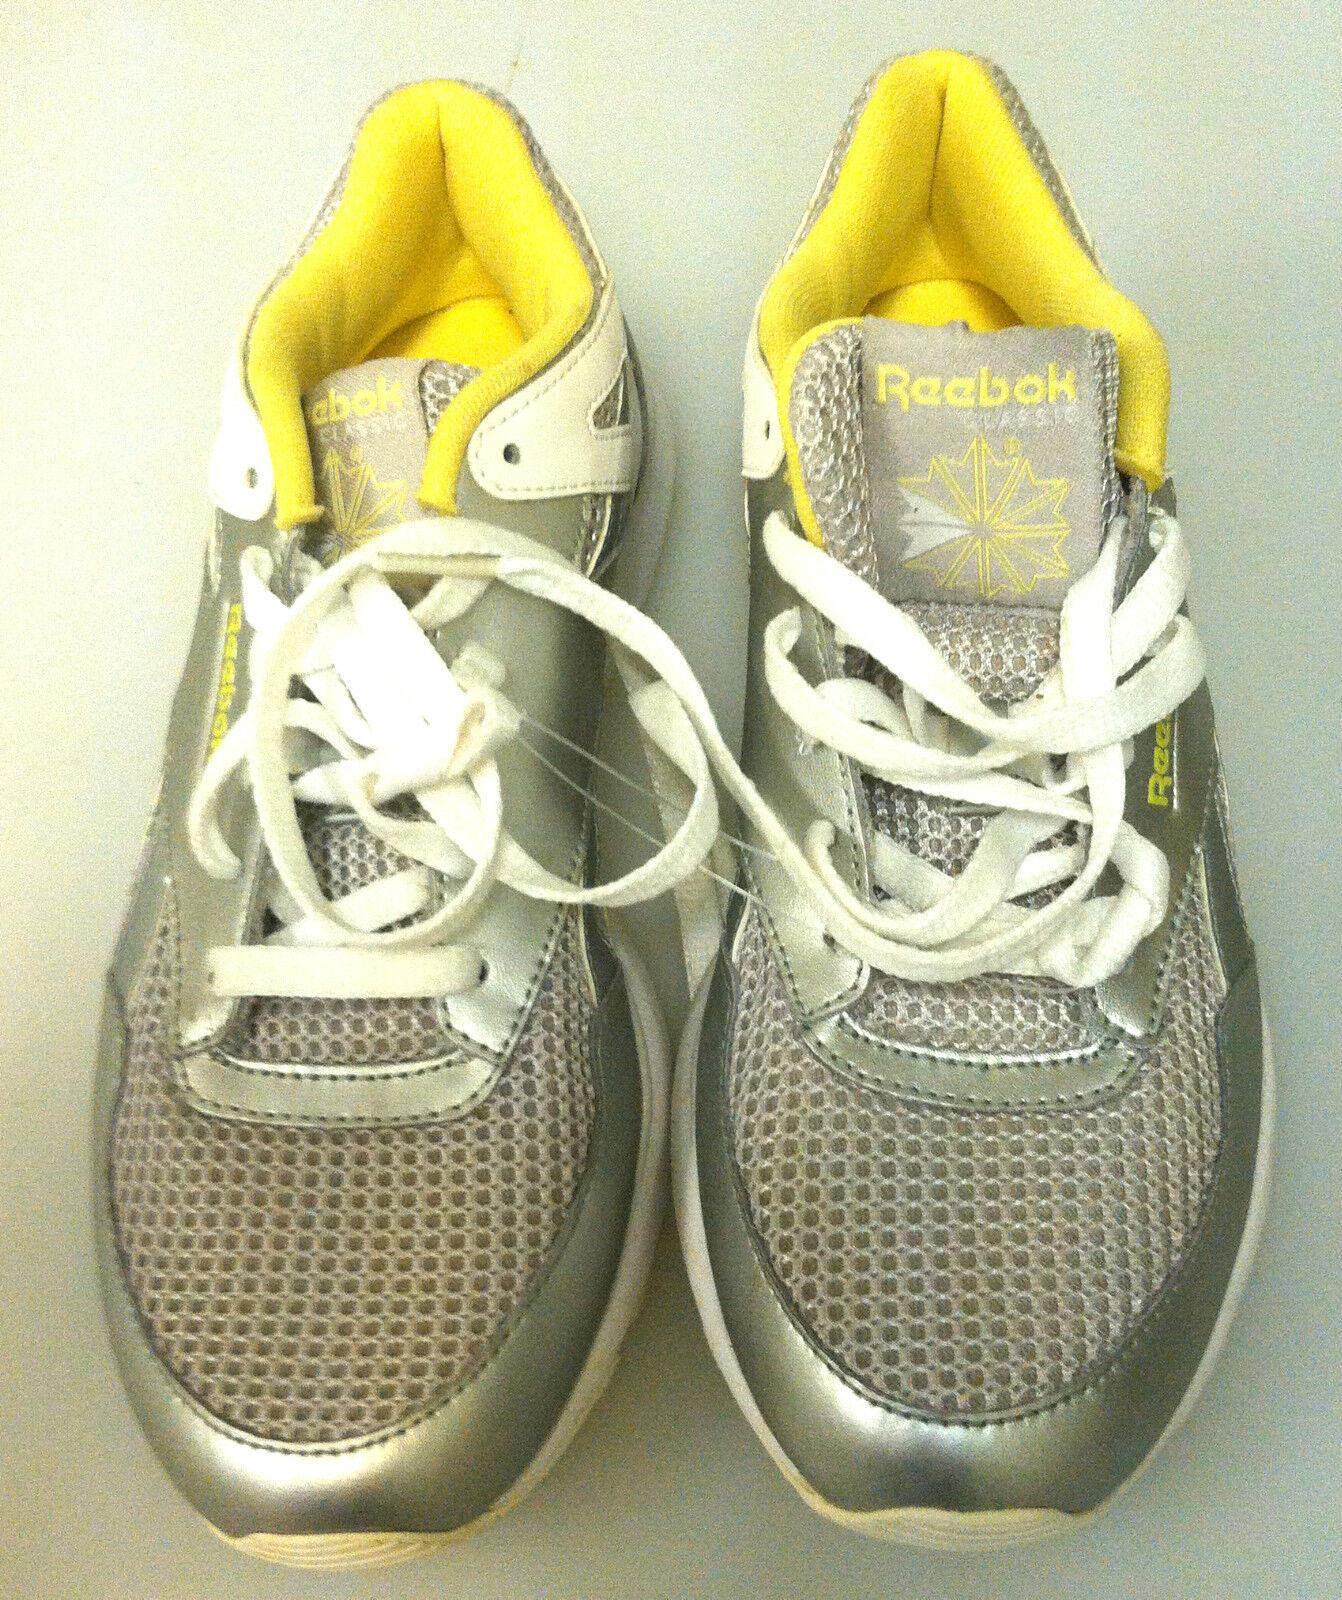 Zapatos promocionales para hombres y mujeres Reebok Talla 8 Mujer Running Zapatillas - 3d Ultralite - Multicolor - NWOB